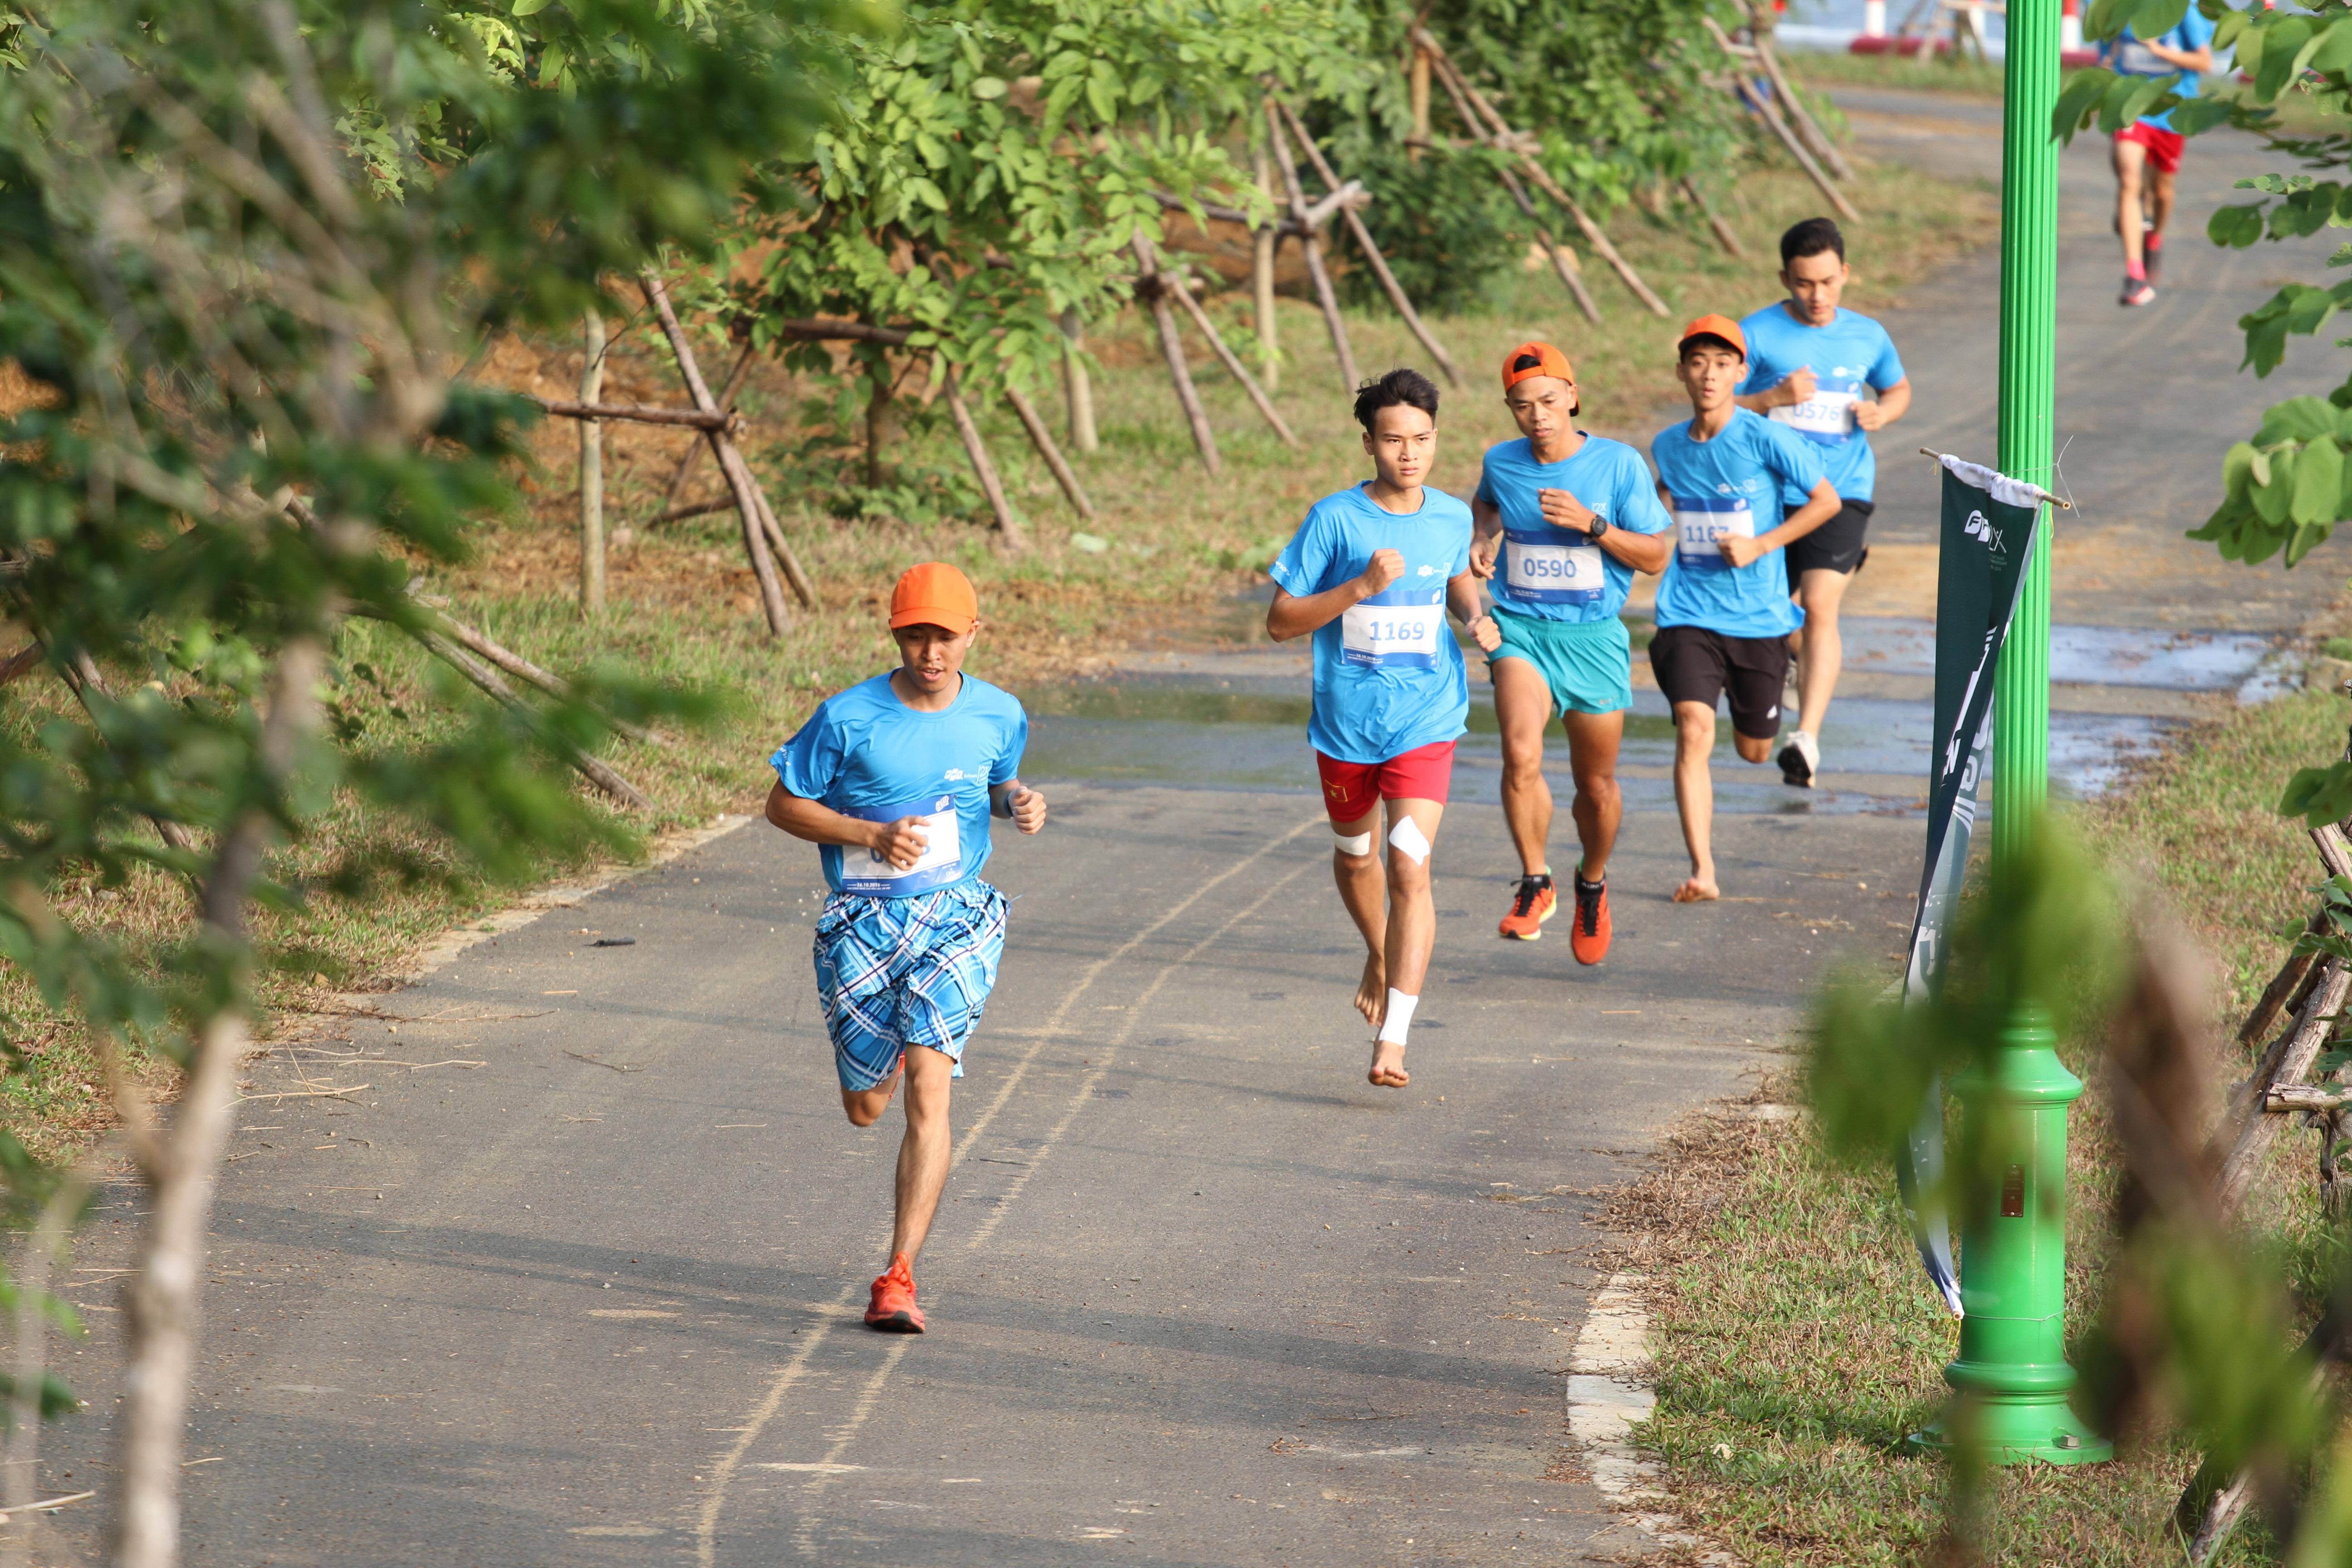 Có khoảng 1.400 vận động viên chạy ở cự ly 5km tương đương với một vòng hồ Tân Xã – Khu Công Nghệ cao, Hòa Lạc.